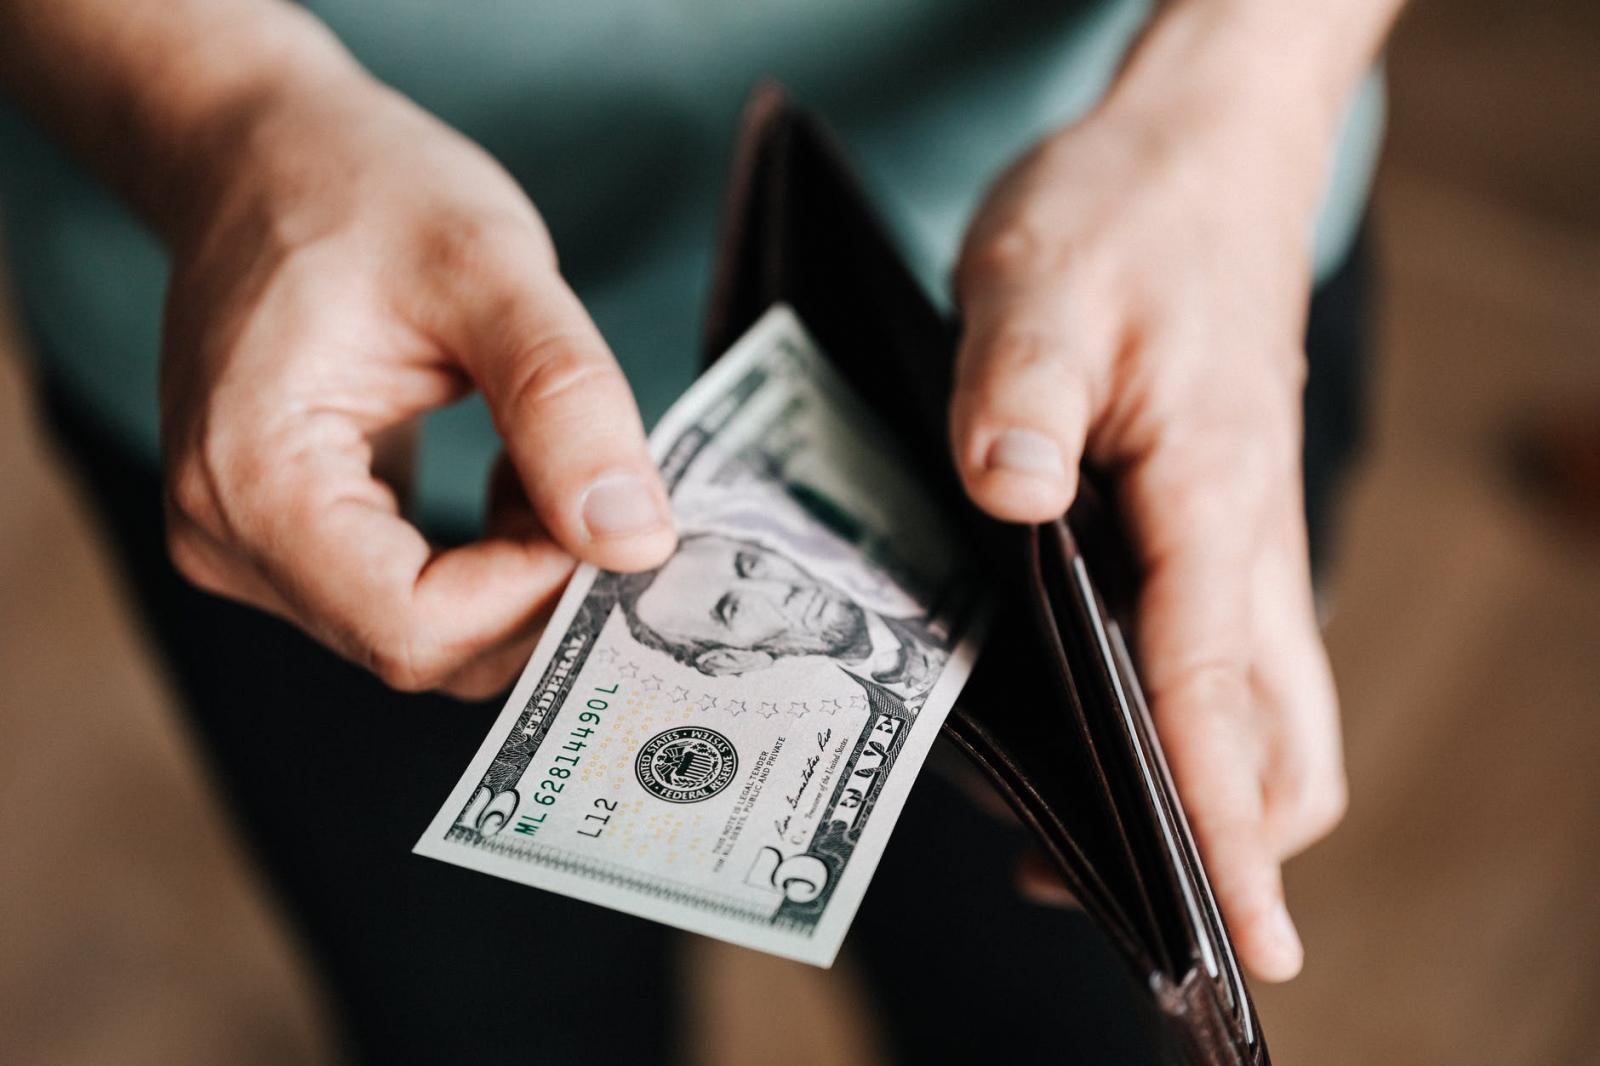 【理財專知】小資族薪水永遠不夠用?只因你沒把握自己現金流向